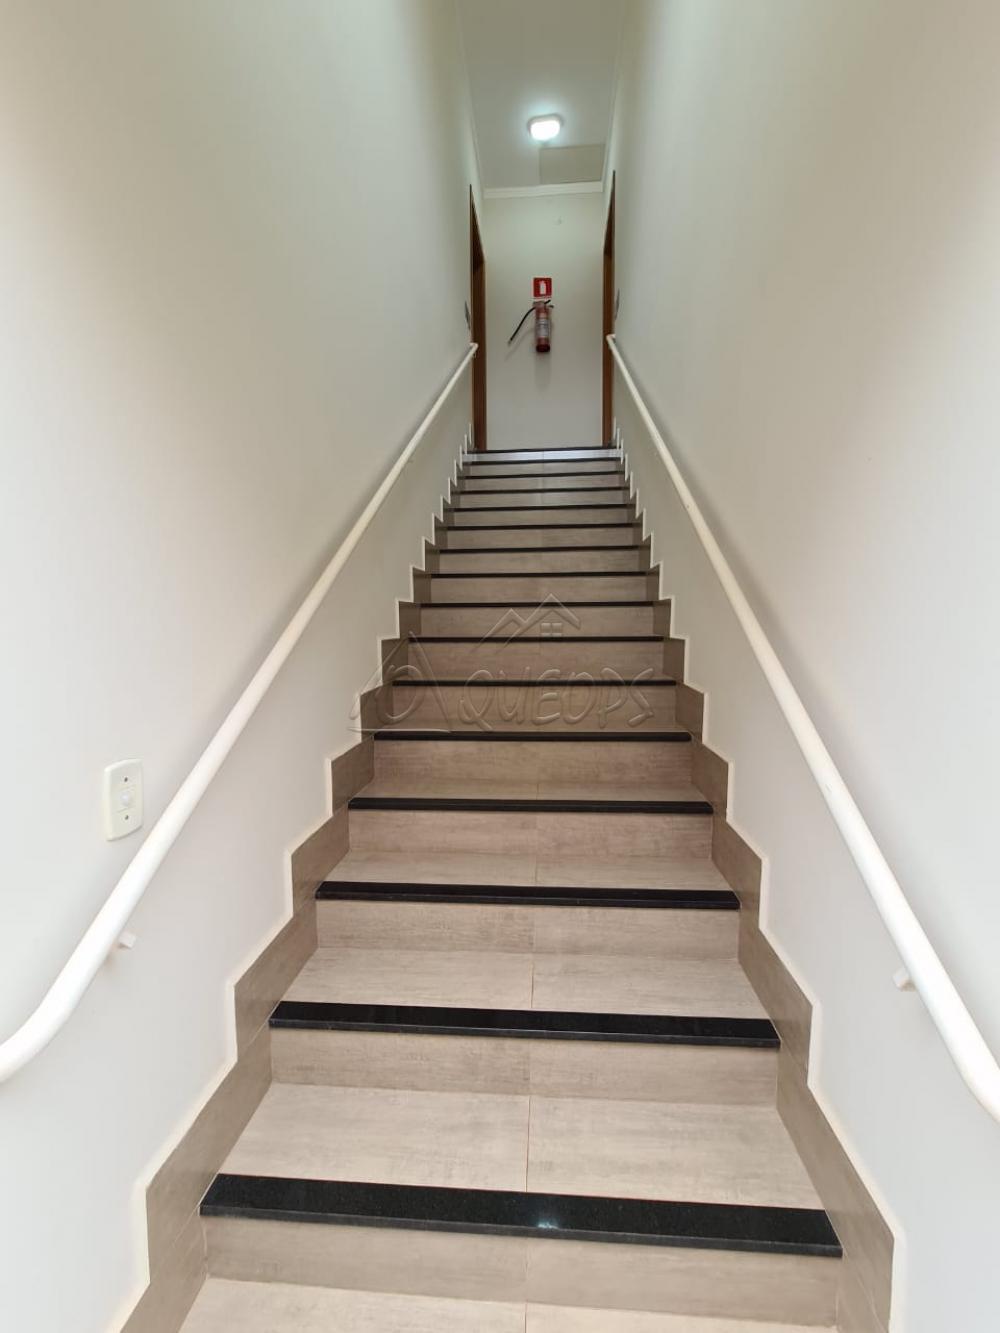 Comprar Apartamento / Padrão em Barretos apenas R$ 210.000,00 - Foto 2